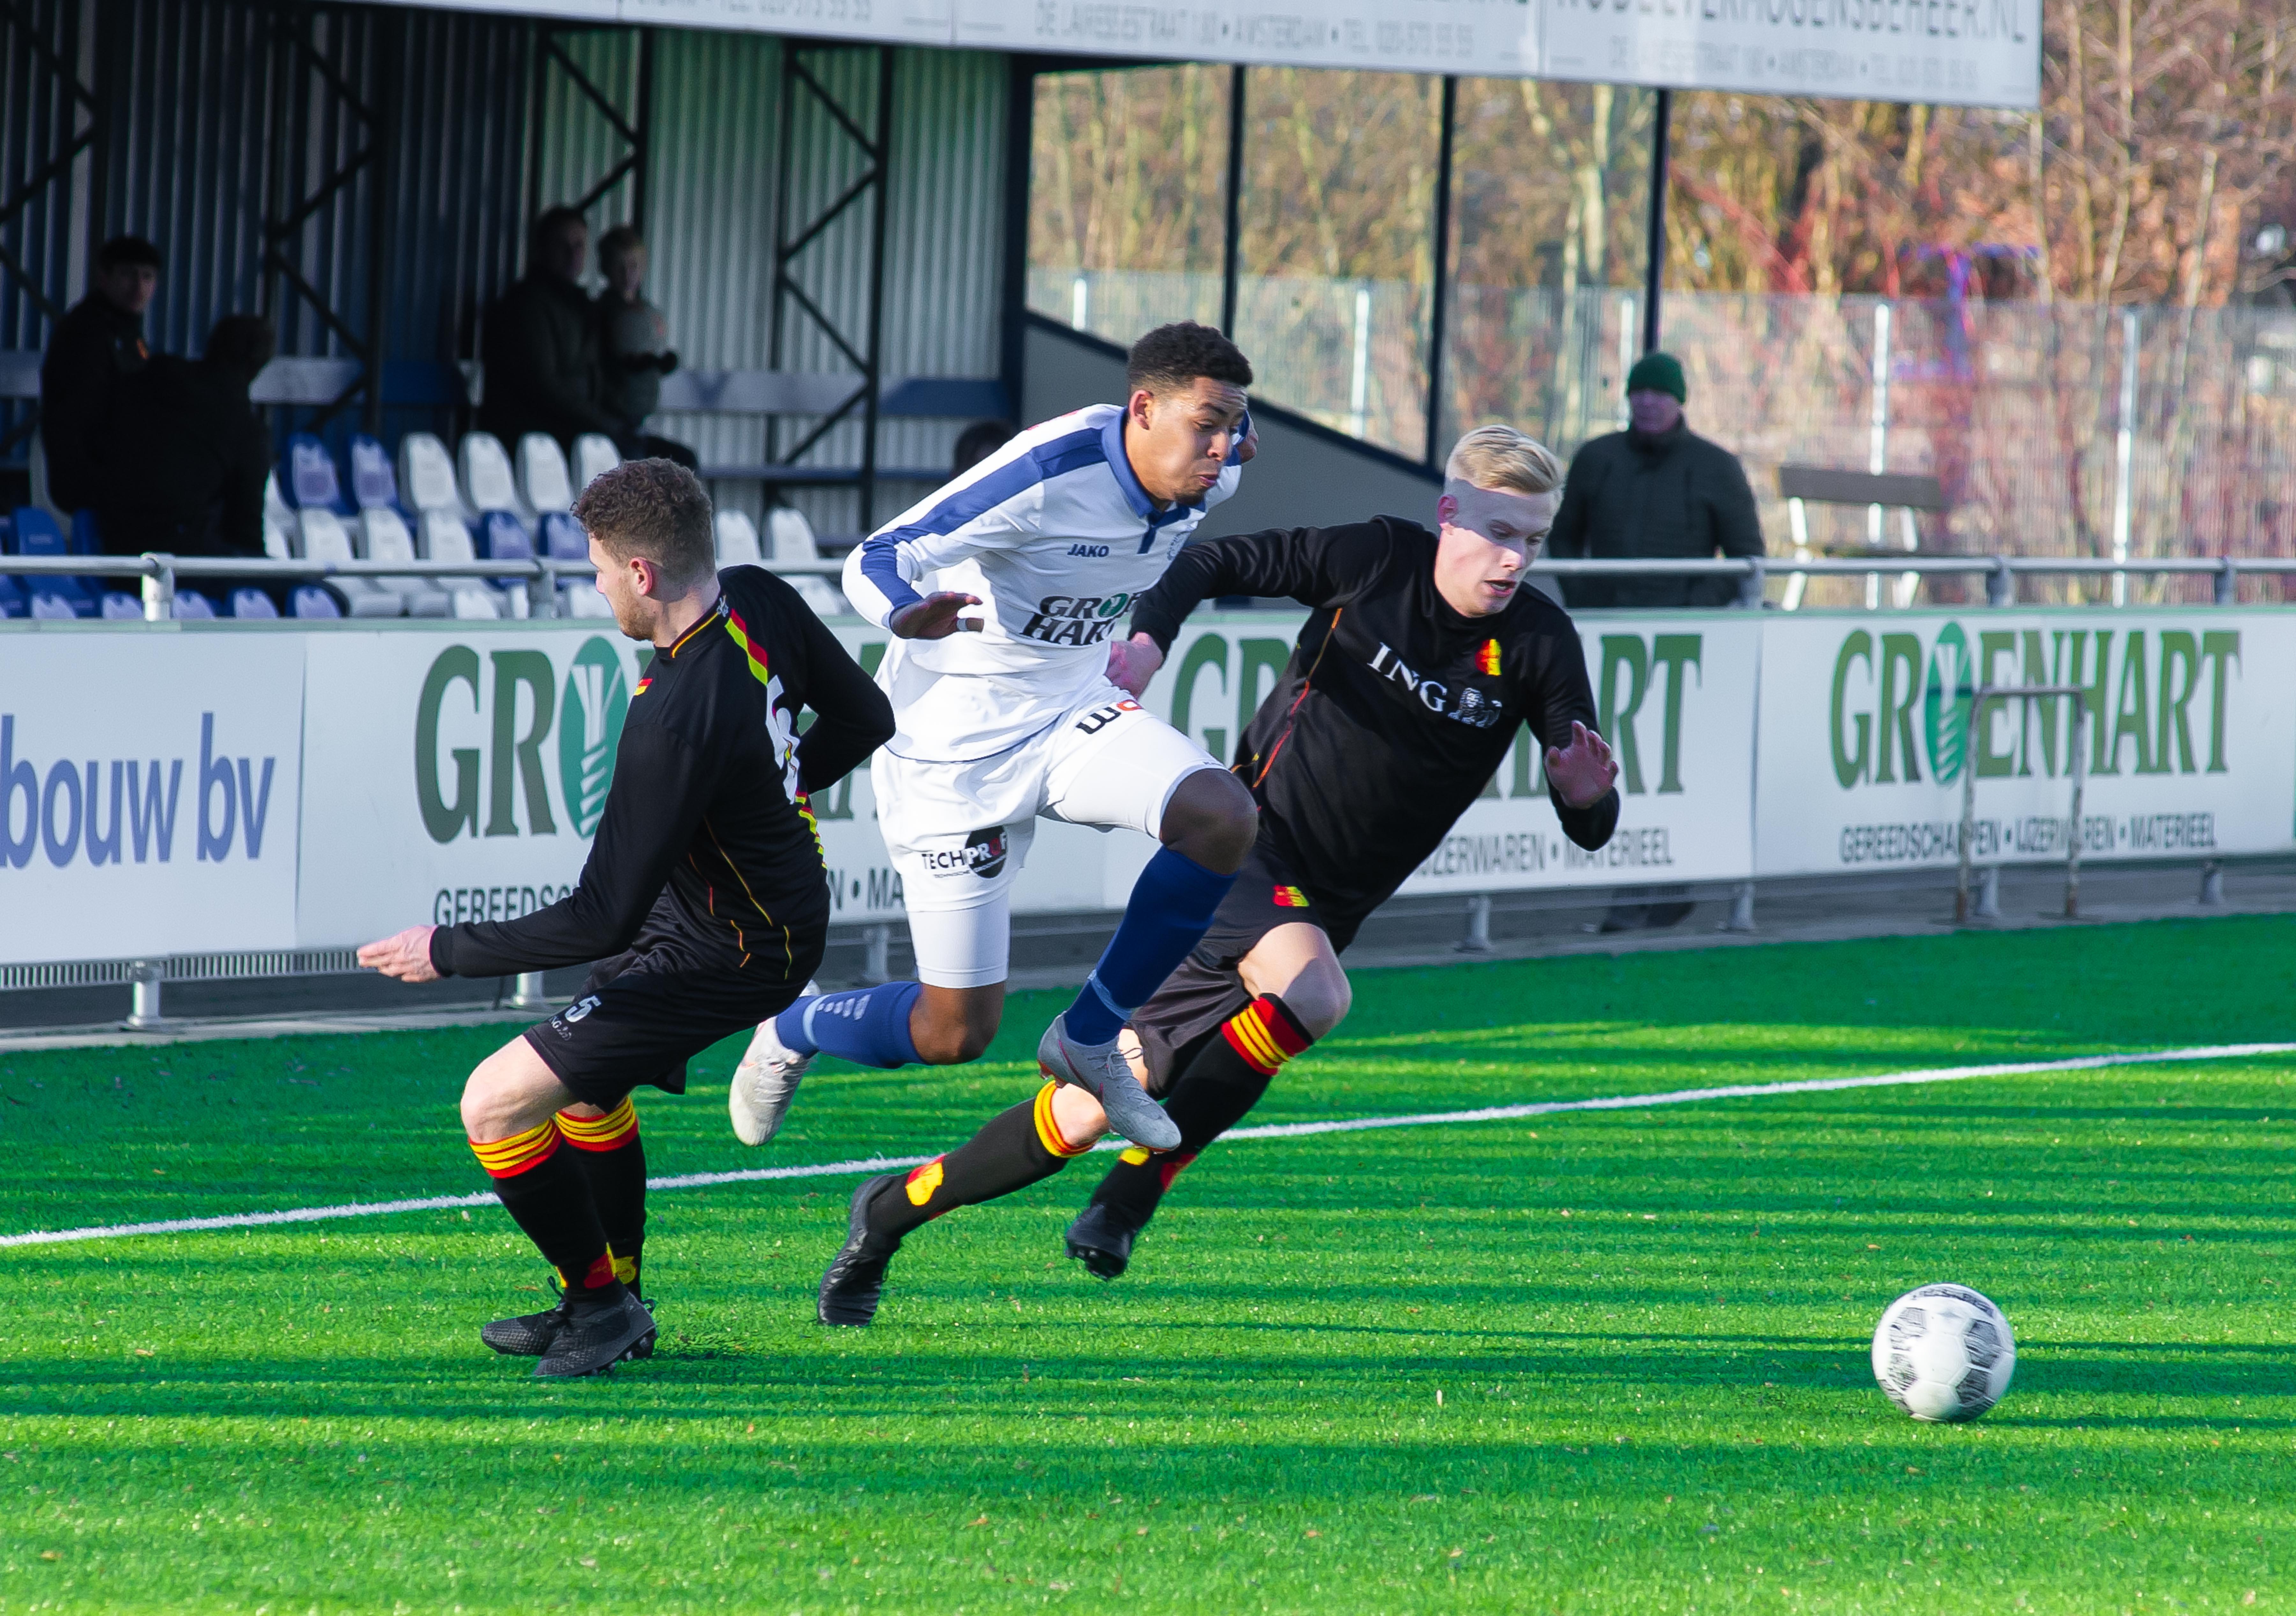 Purmerender Dyllandro Panka (21) tekent profcontract bij FC Volendam; 'sierlijke linkspoot met veel potentie'